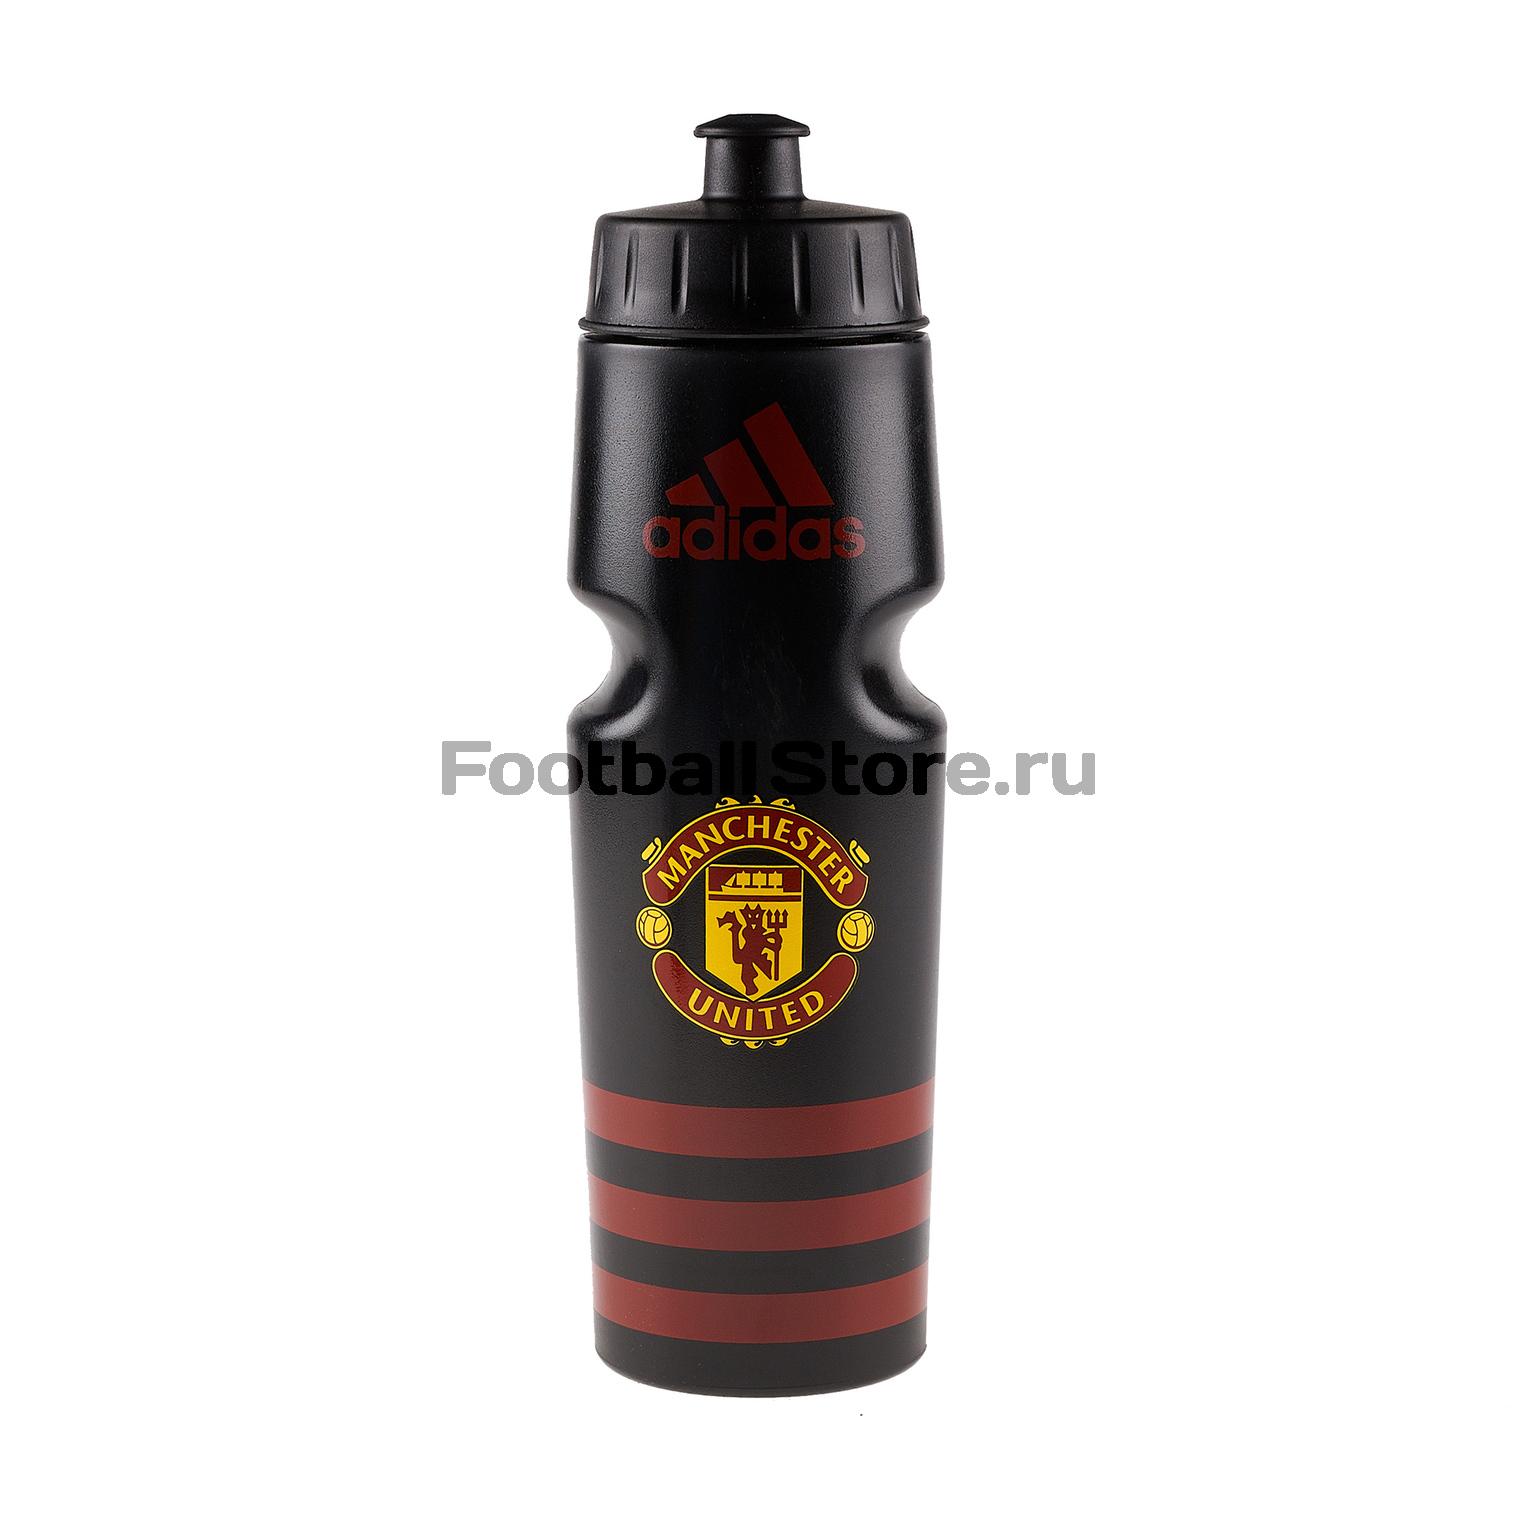 Бутылка Adidas Manchester United CY5596 рюкзак adidas manchester united cy5581